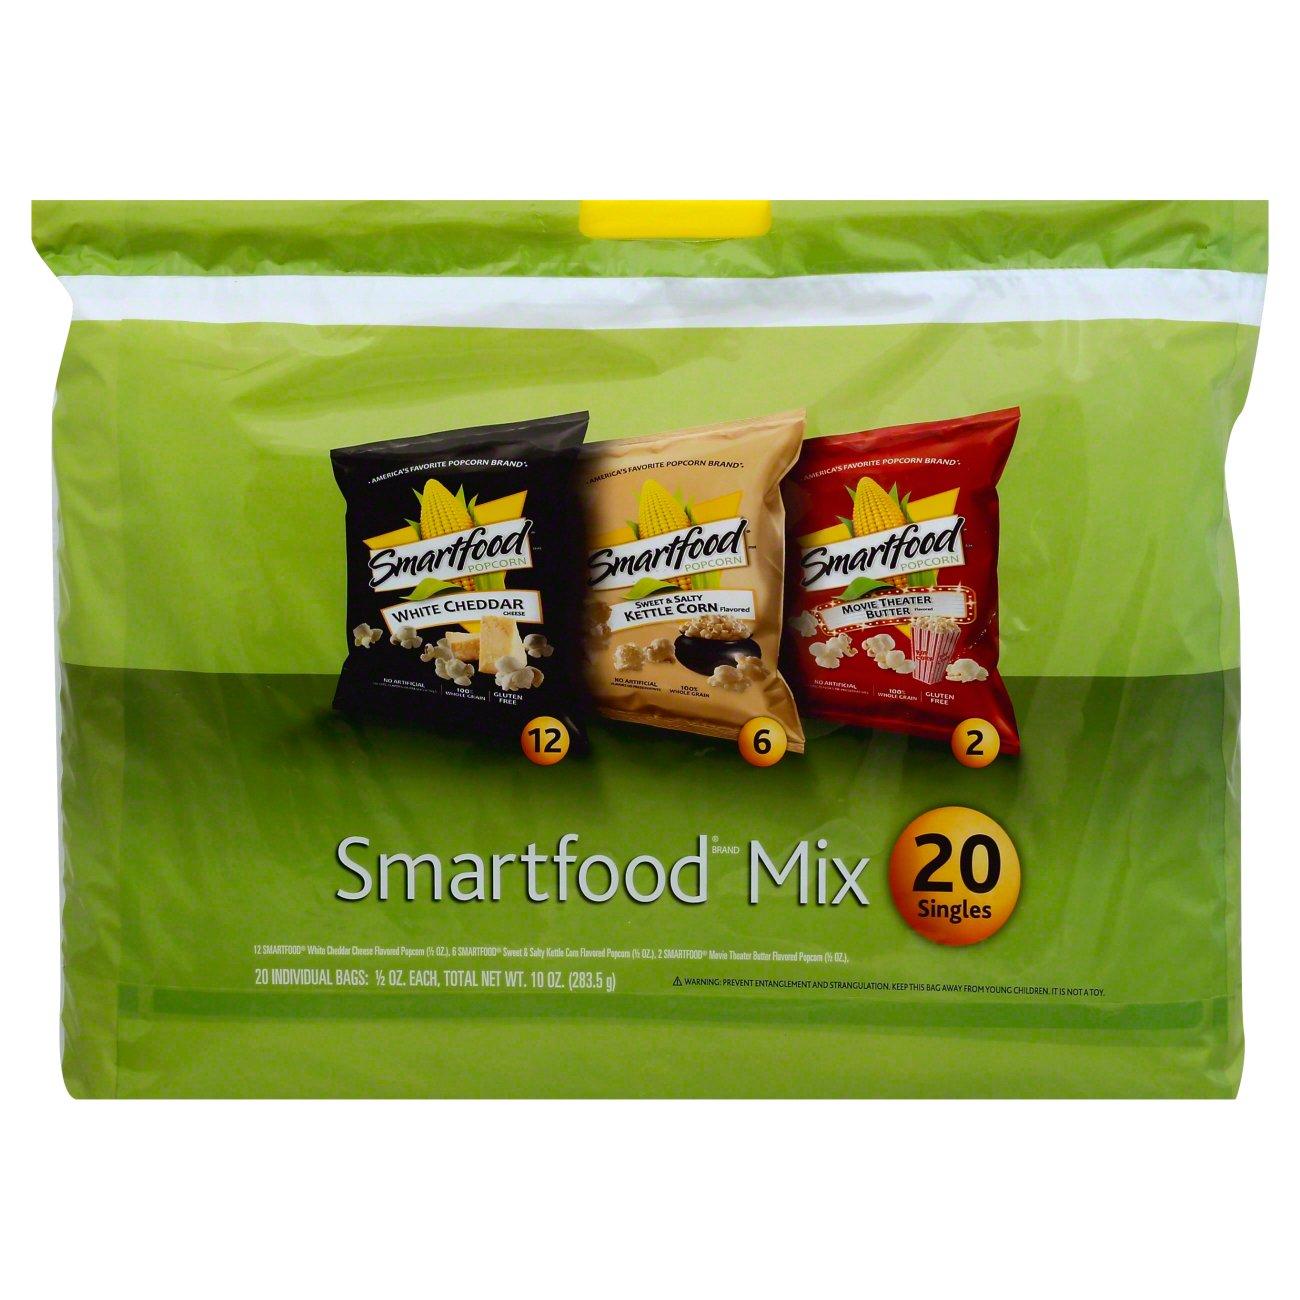 Smartfood Flavored Popcorn Mix Multipack Shop Popcorn At H E B